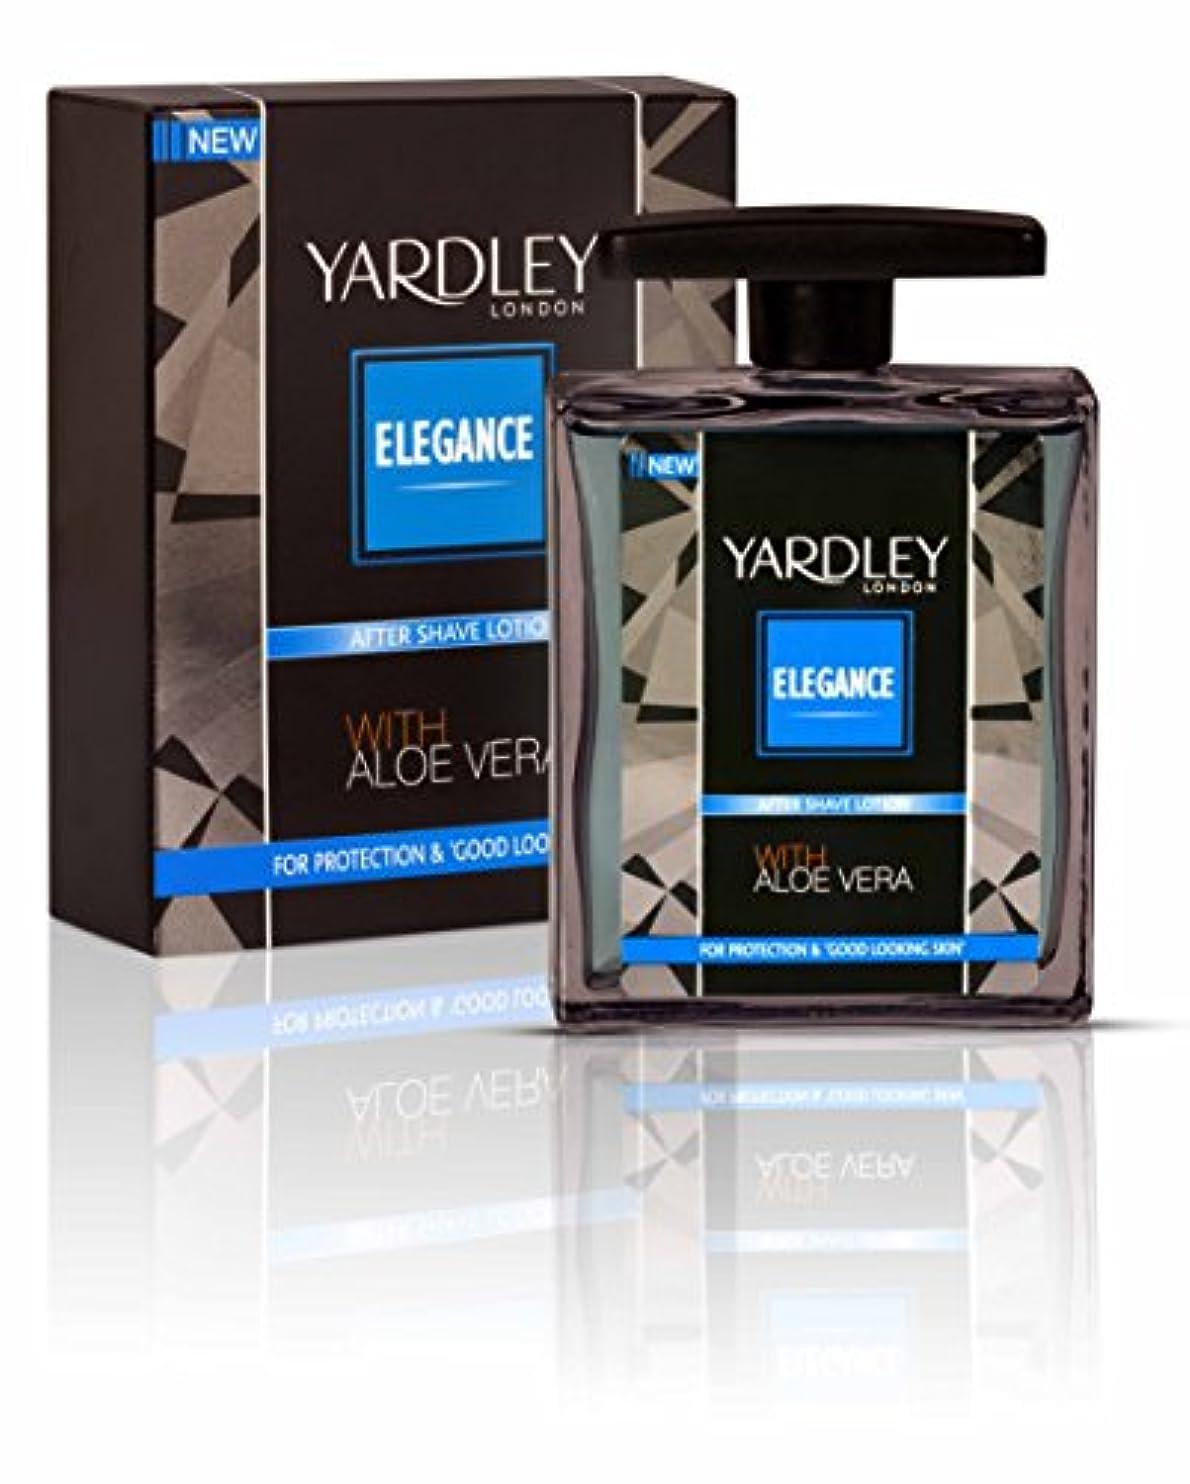 対人製造ほのかYardley London After Shave Lotion Elegance 100ml by Yardley